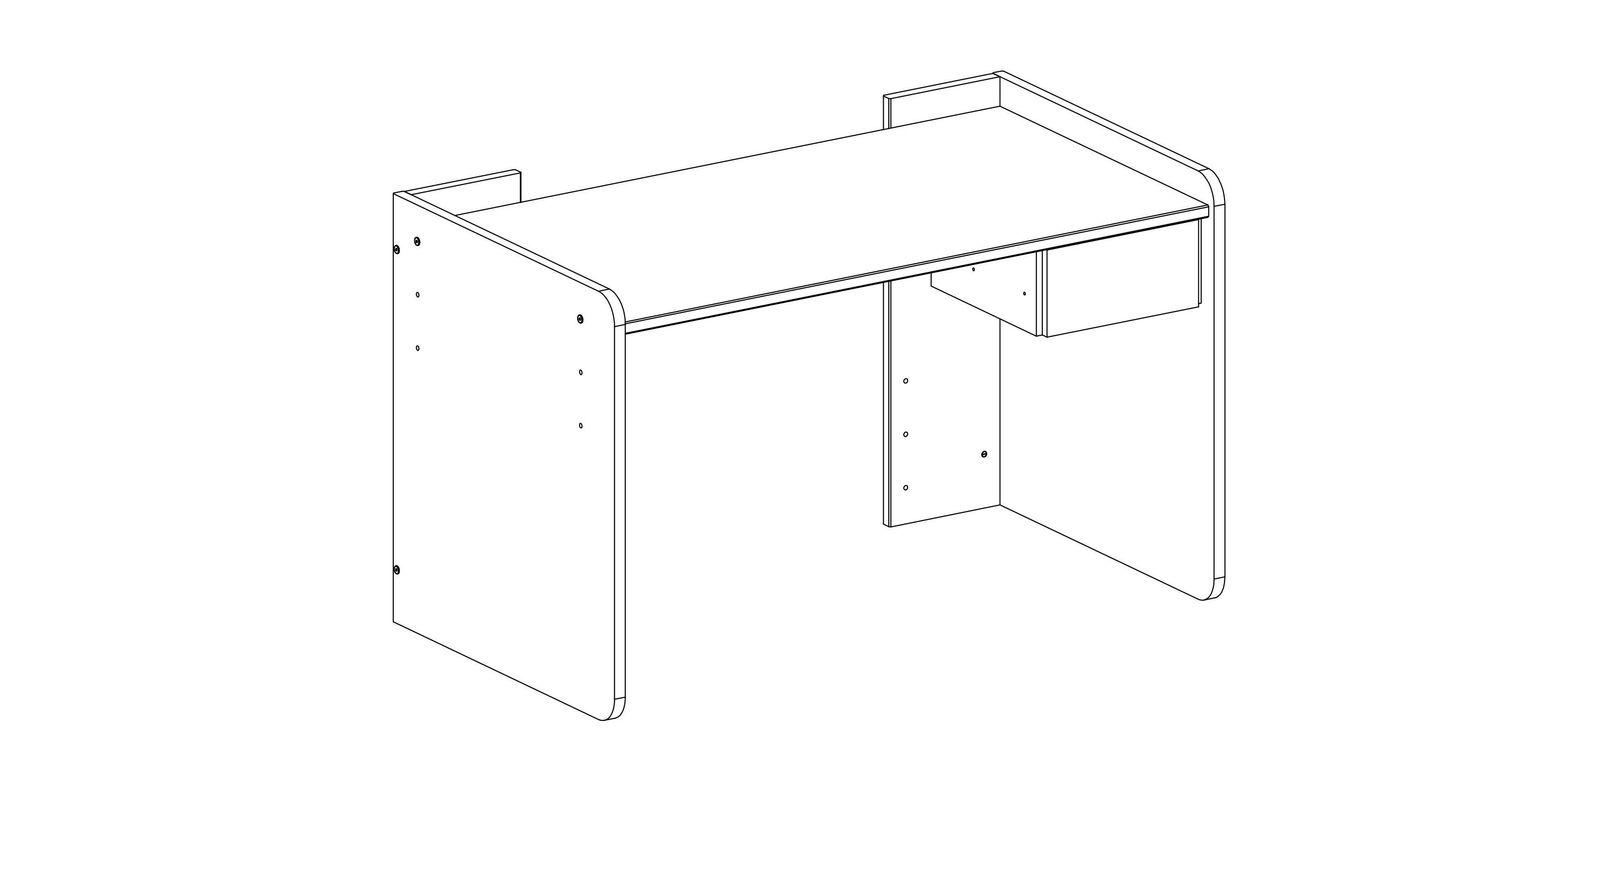 Praktische Grafik zum höhenverstellbarem Schreibtisch